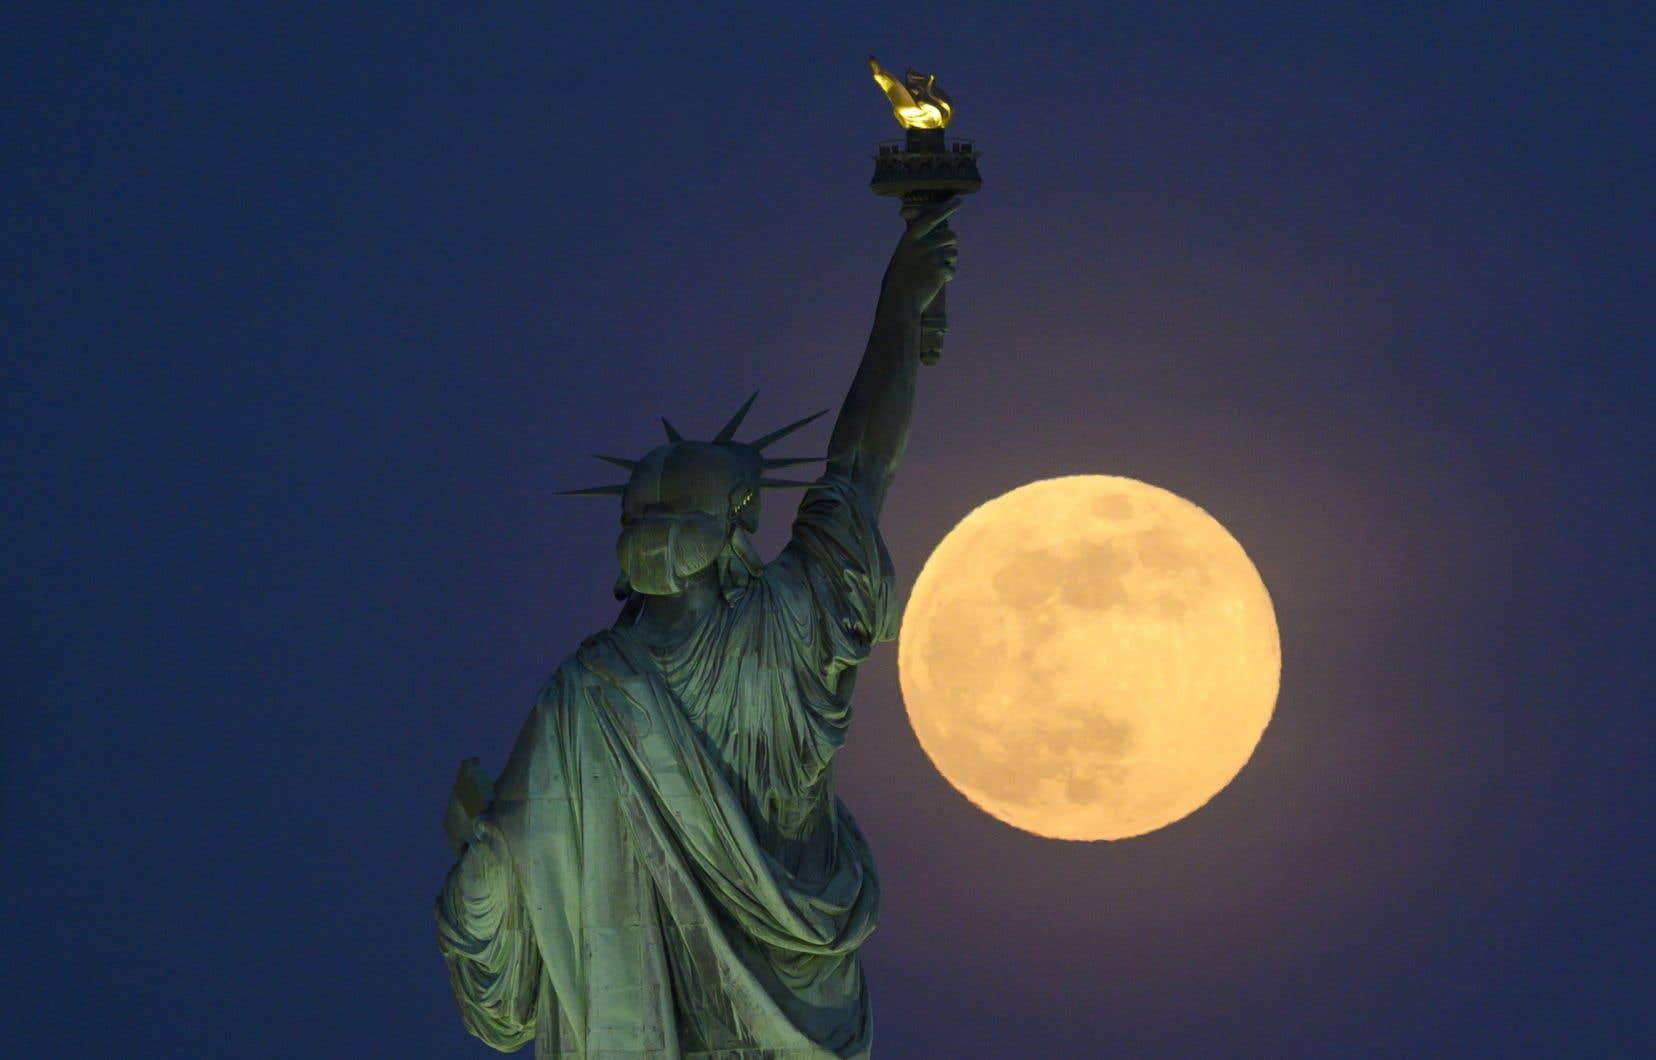 «La Lune elle-même est intéressante d'un point de vue scientifique, ne serait-ce que pour en apprendre plus sur son origine et celle de la Terre», renchéritl'astrophysicien,Robert Lamontagne.